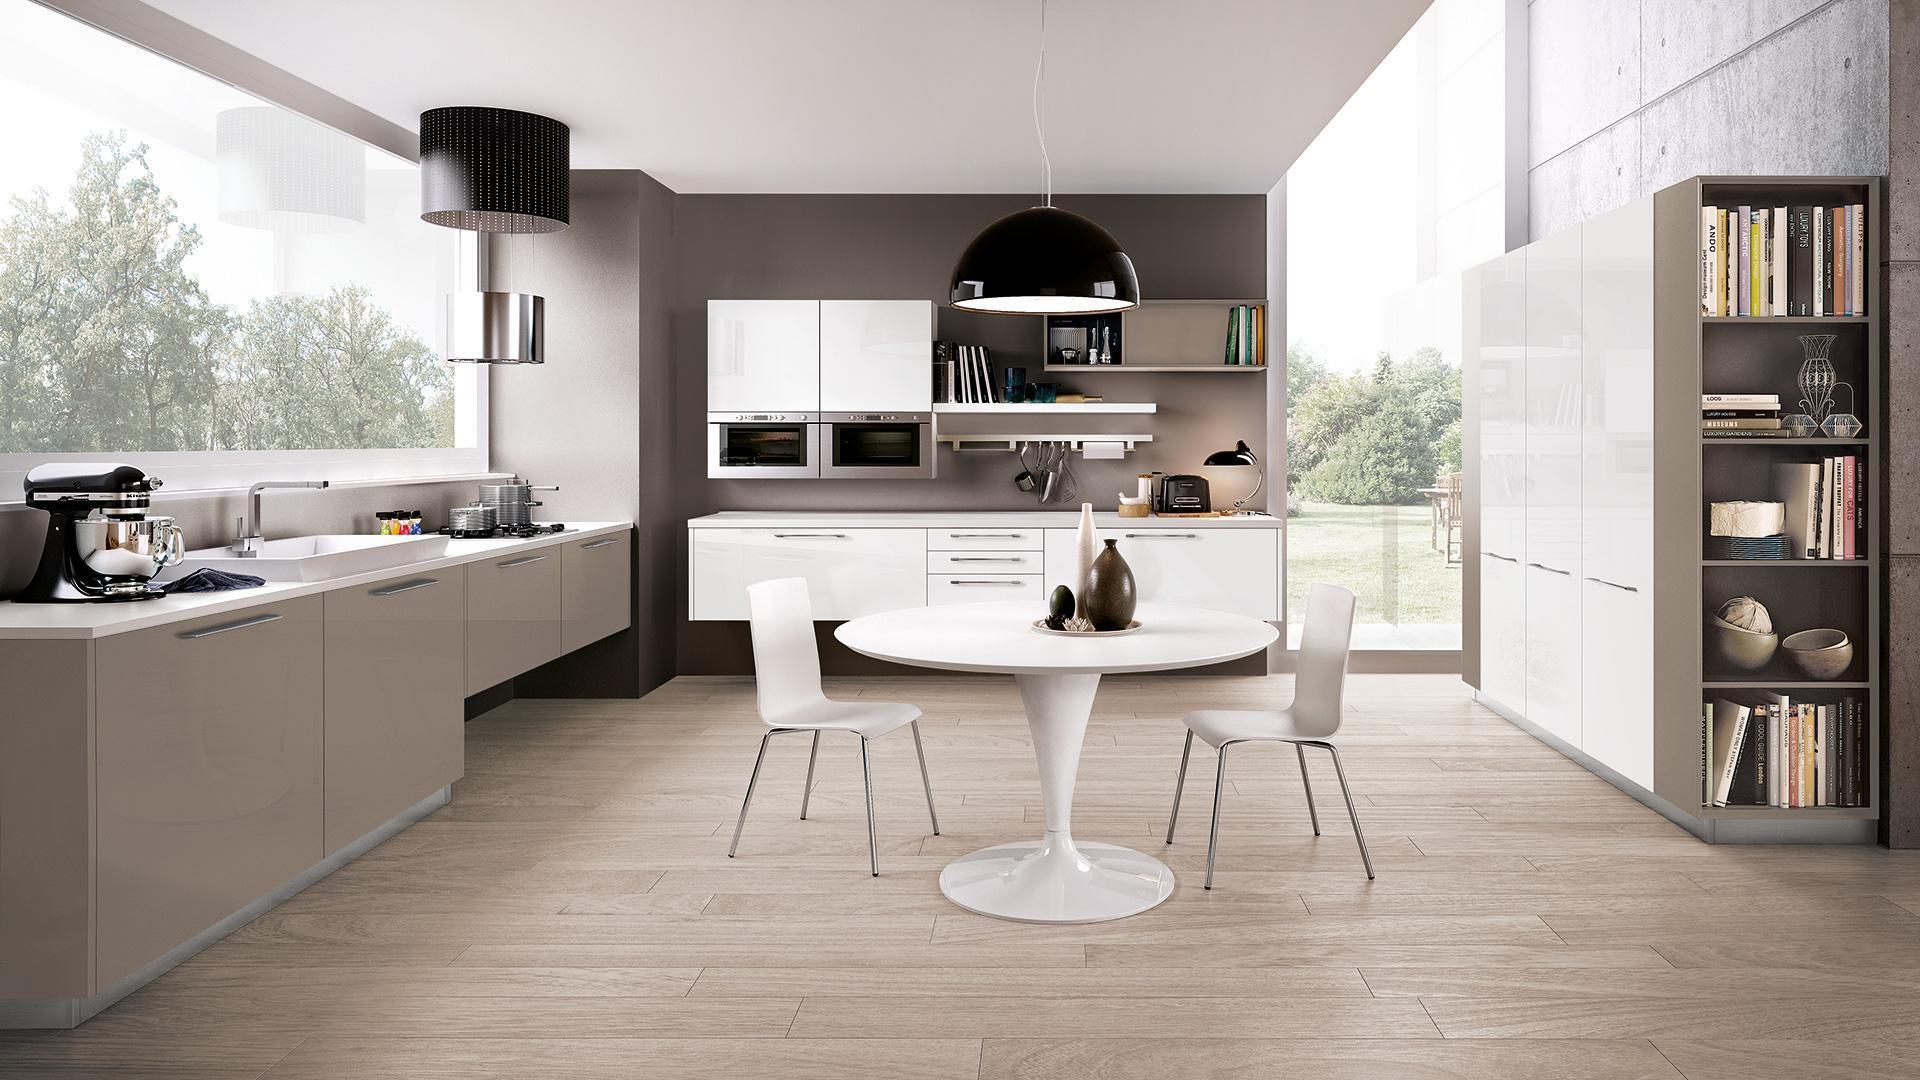 Cucine moderne LUBE - Cappelle dei Marsi Avezzano - Arredamenti D\'Andrea